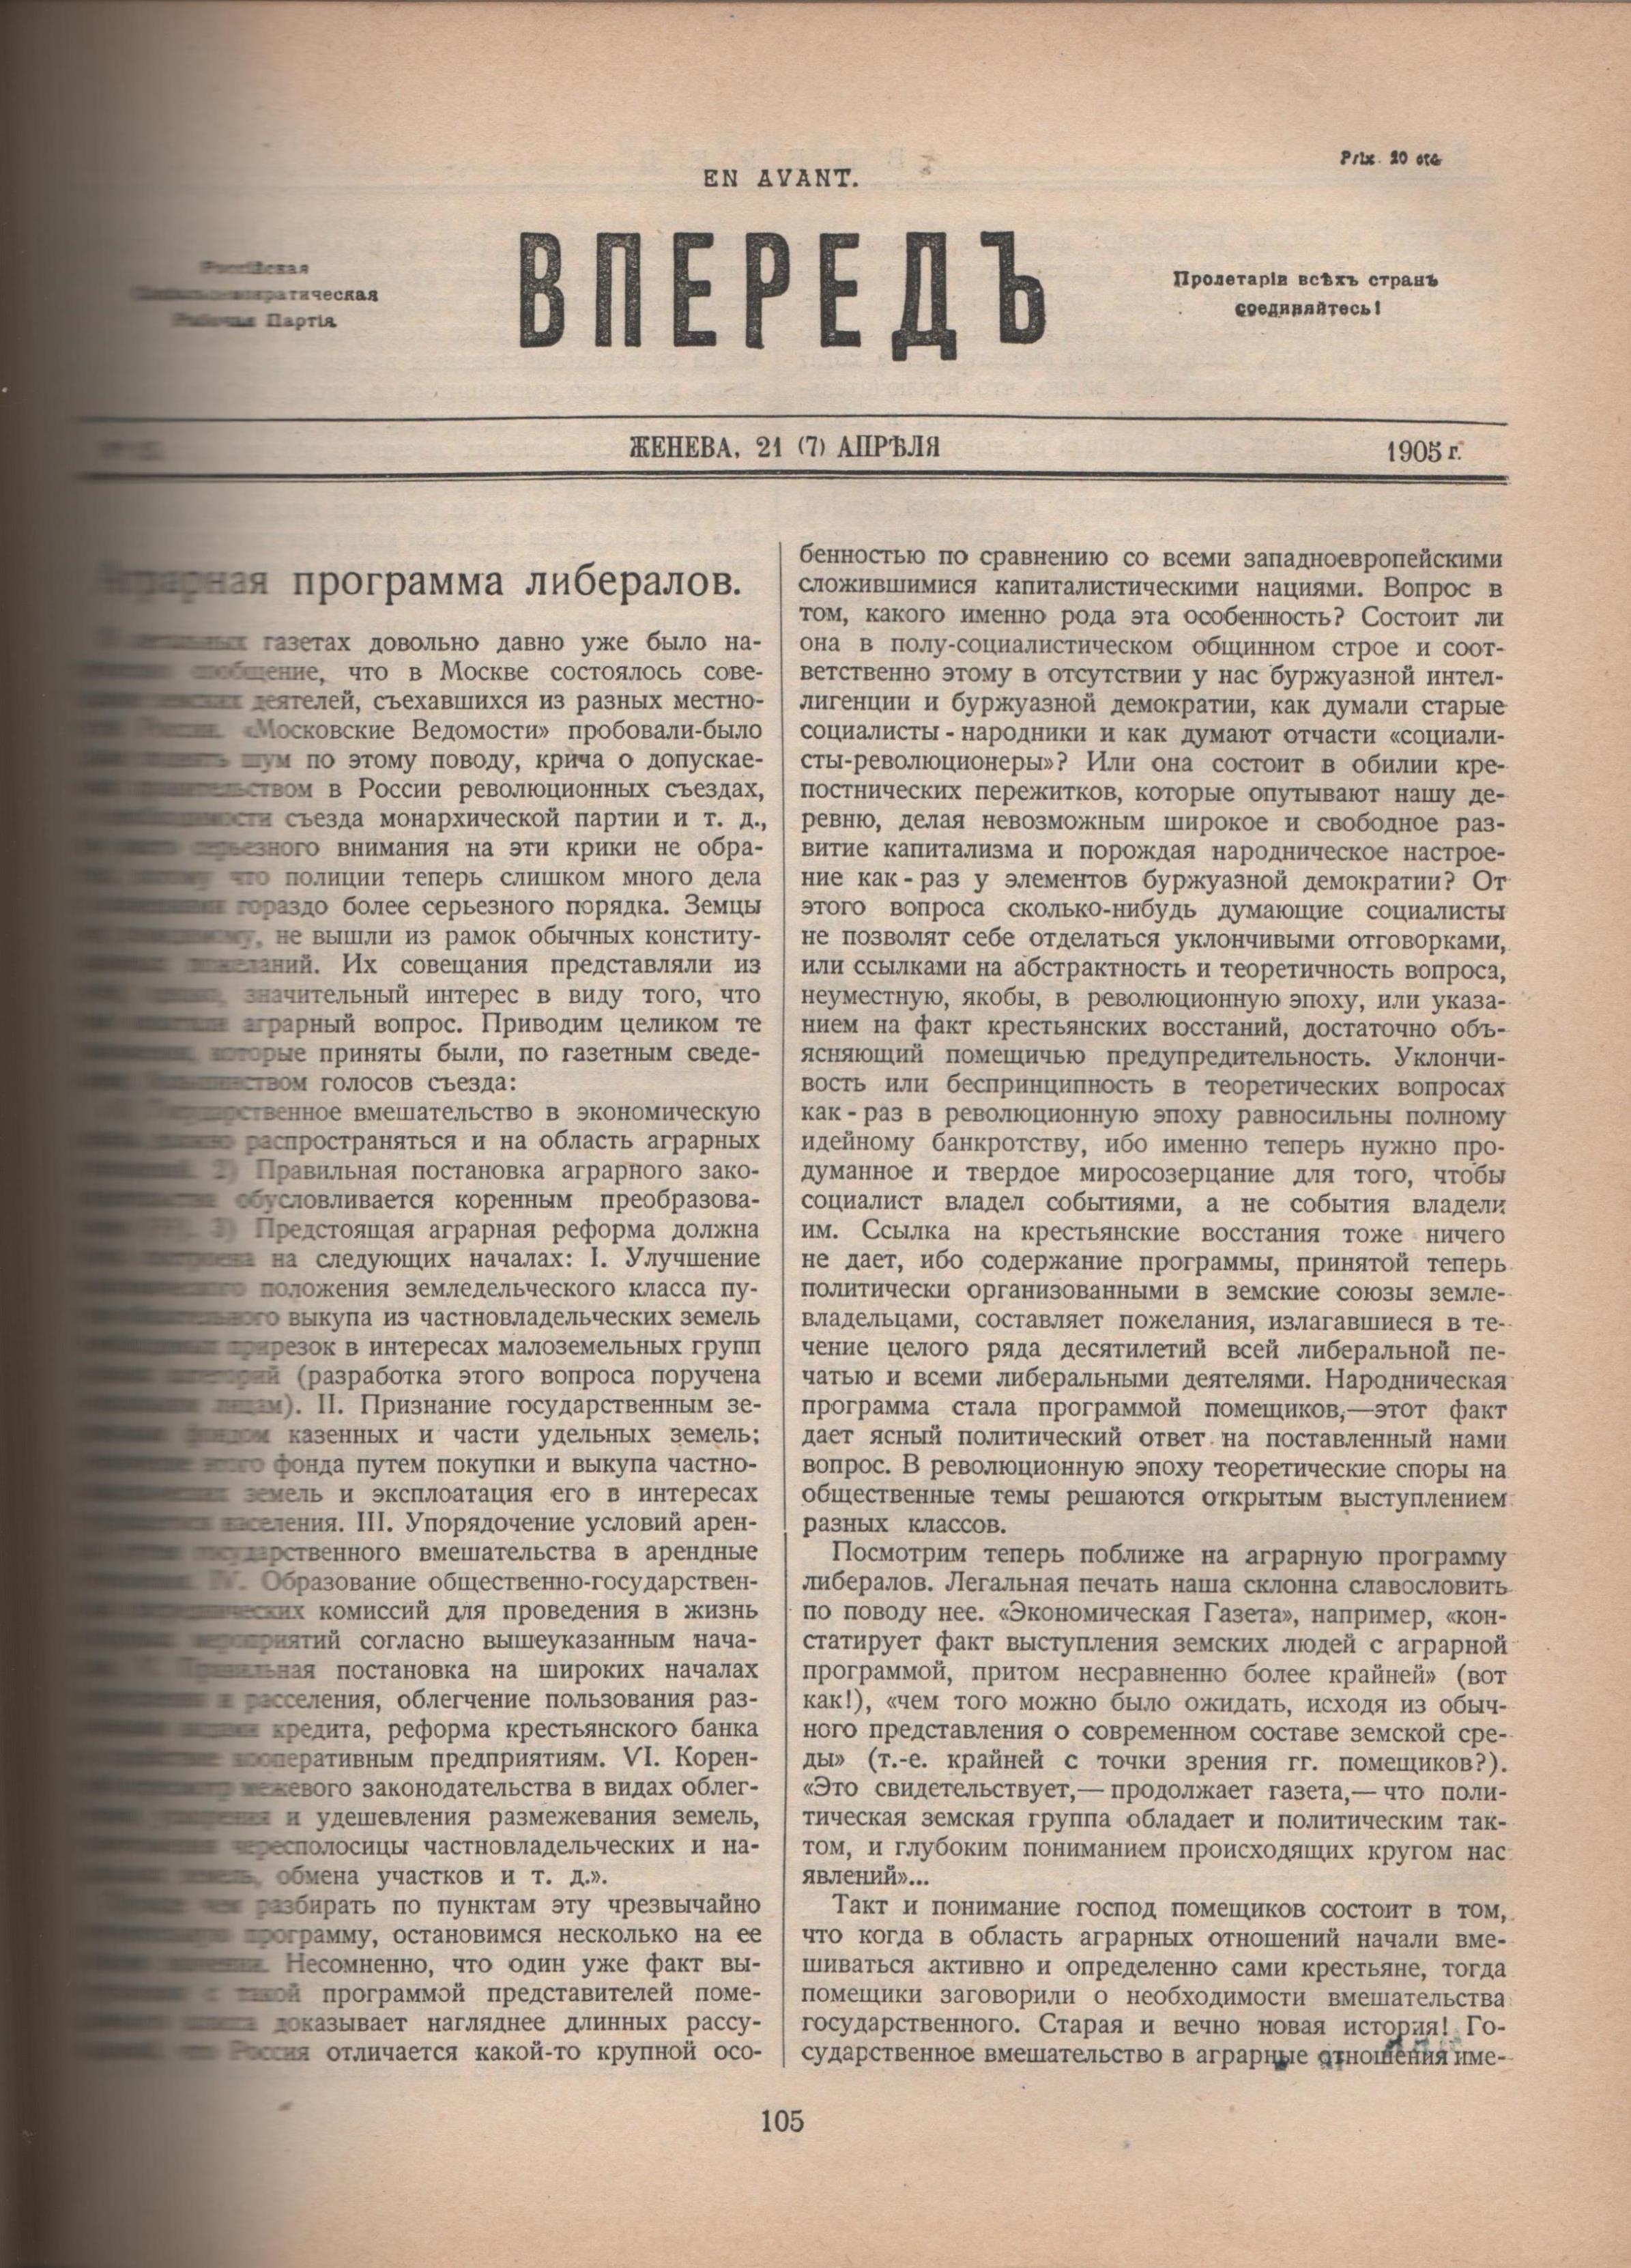 """Газета """"Впередъ"""". 1905. № 15 (квітень). Підшивка """"Вперед"""" и """"Пролетарий"""". Вип. ІІ."""